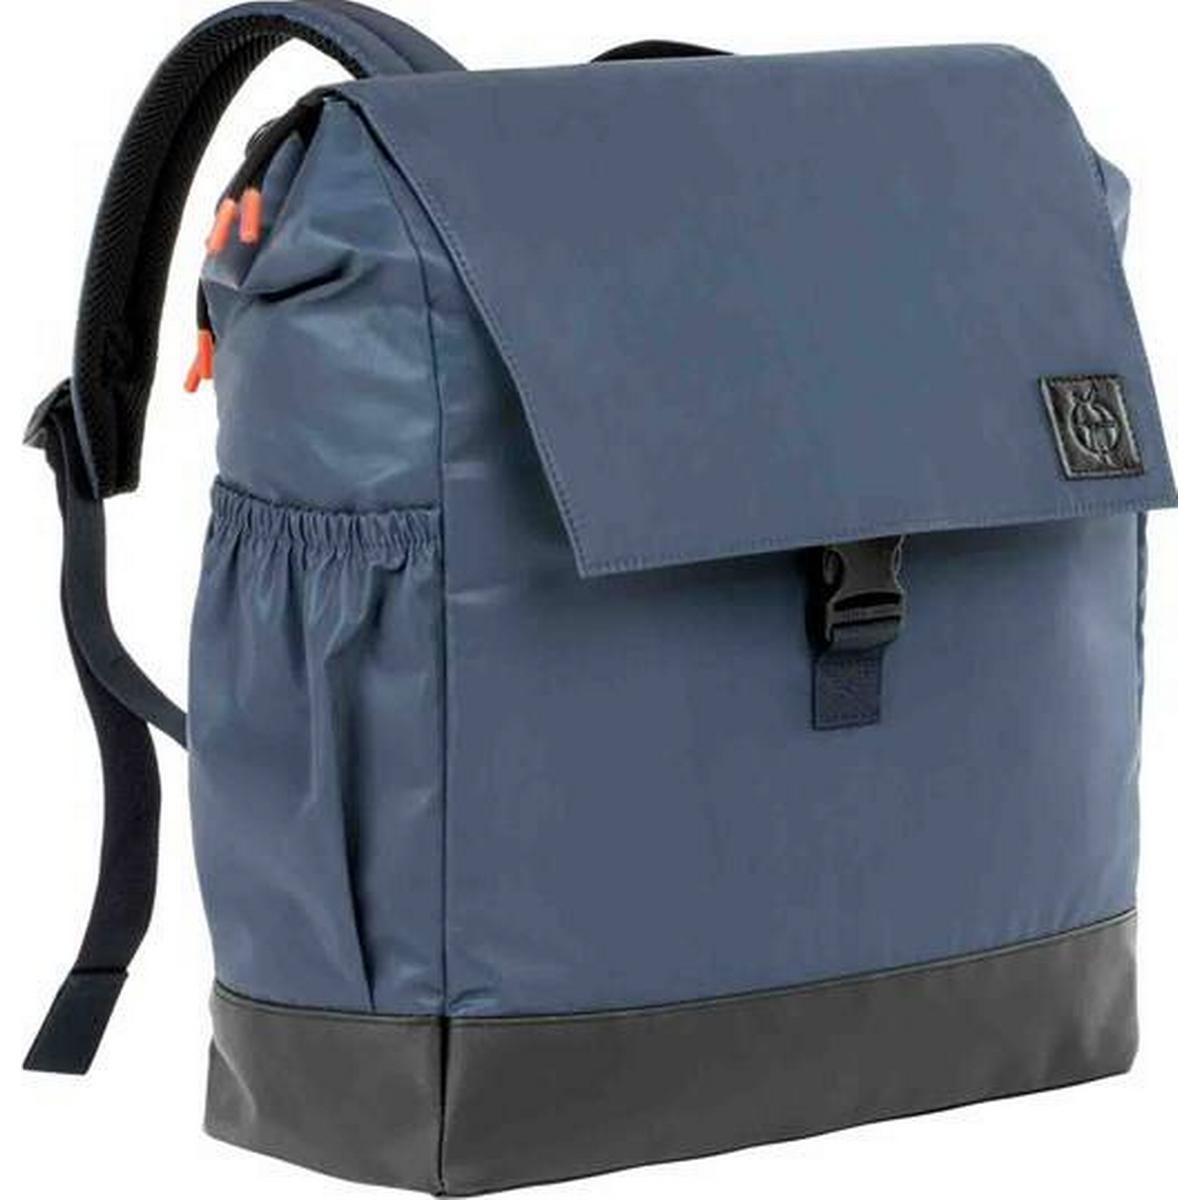 Lässig Skötväskor Barnvagnstillbehör (57 produkter) • Se